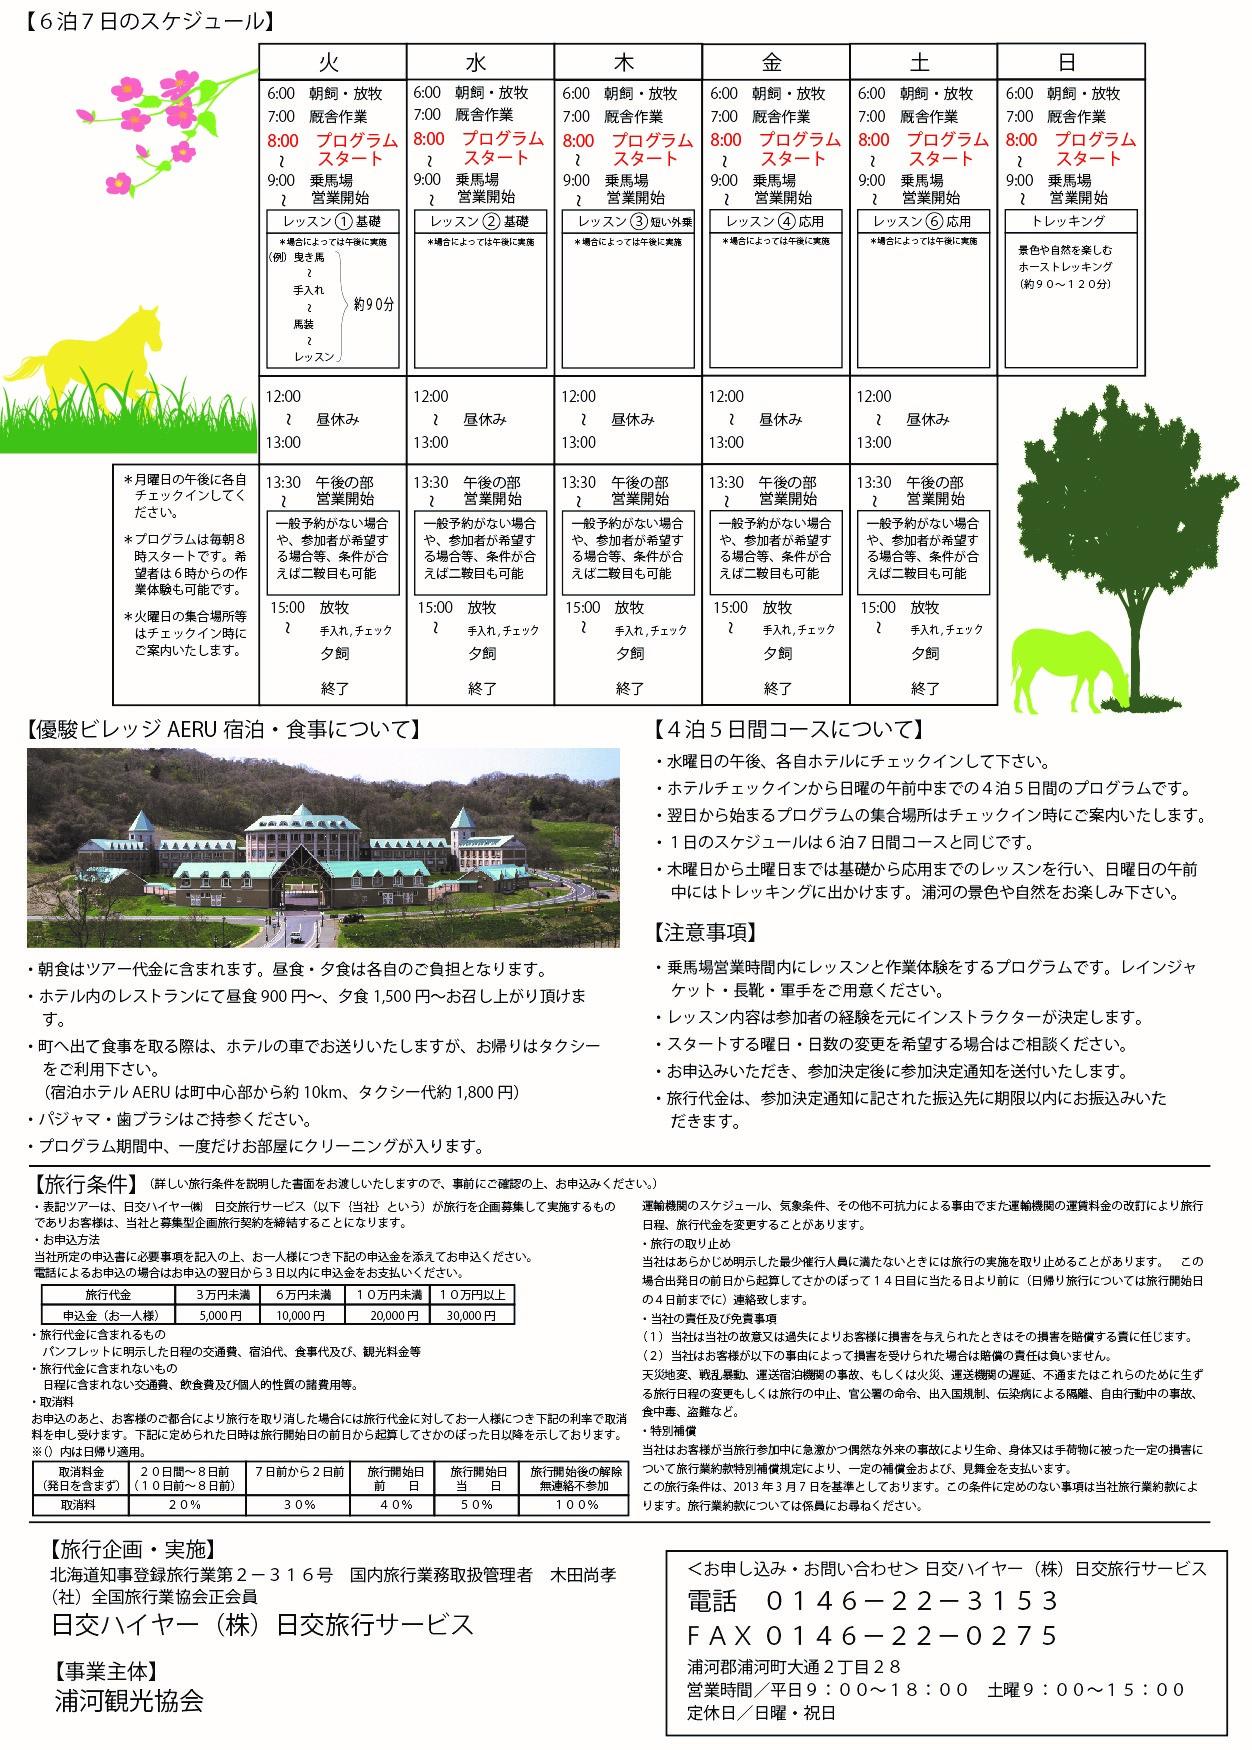 2016春夏短期集中乗馬レッスン-thumb-1252x1750-40